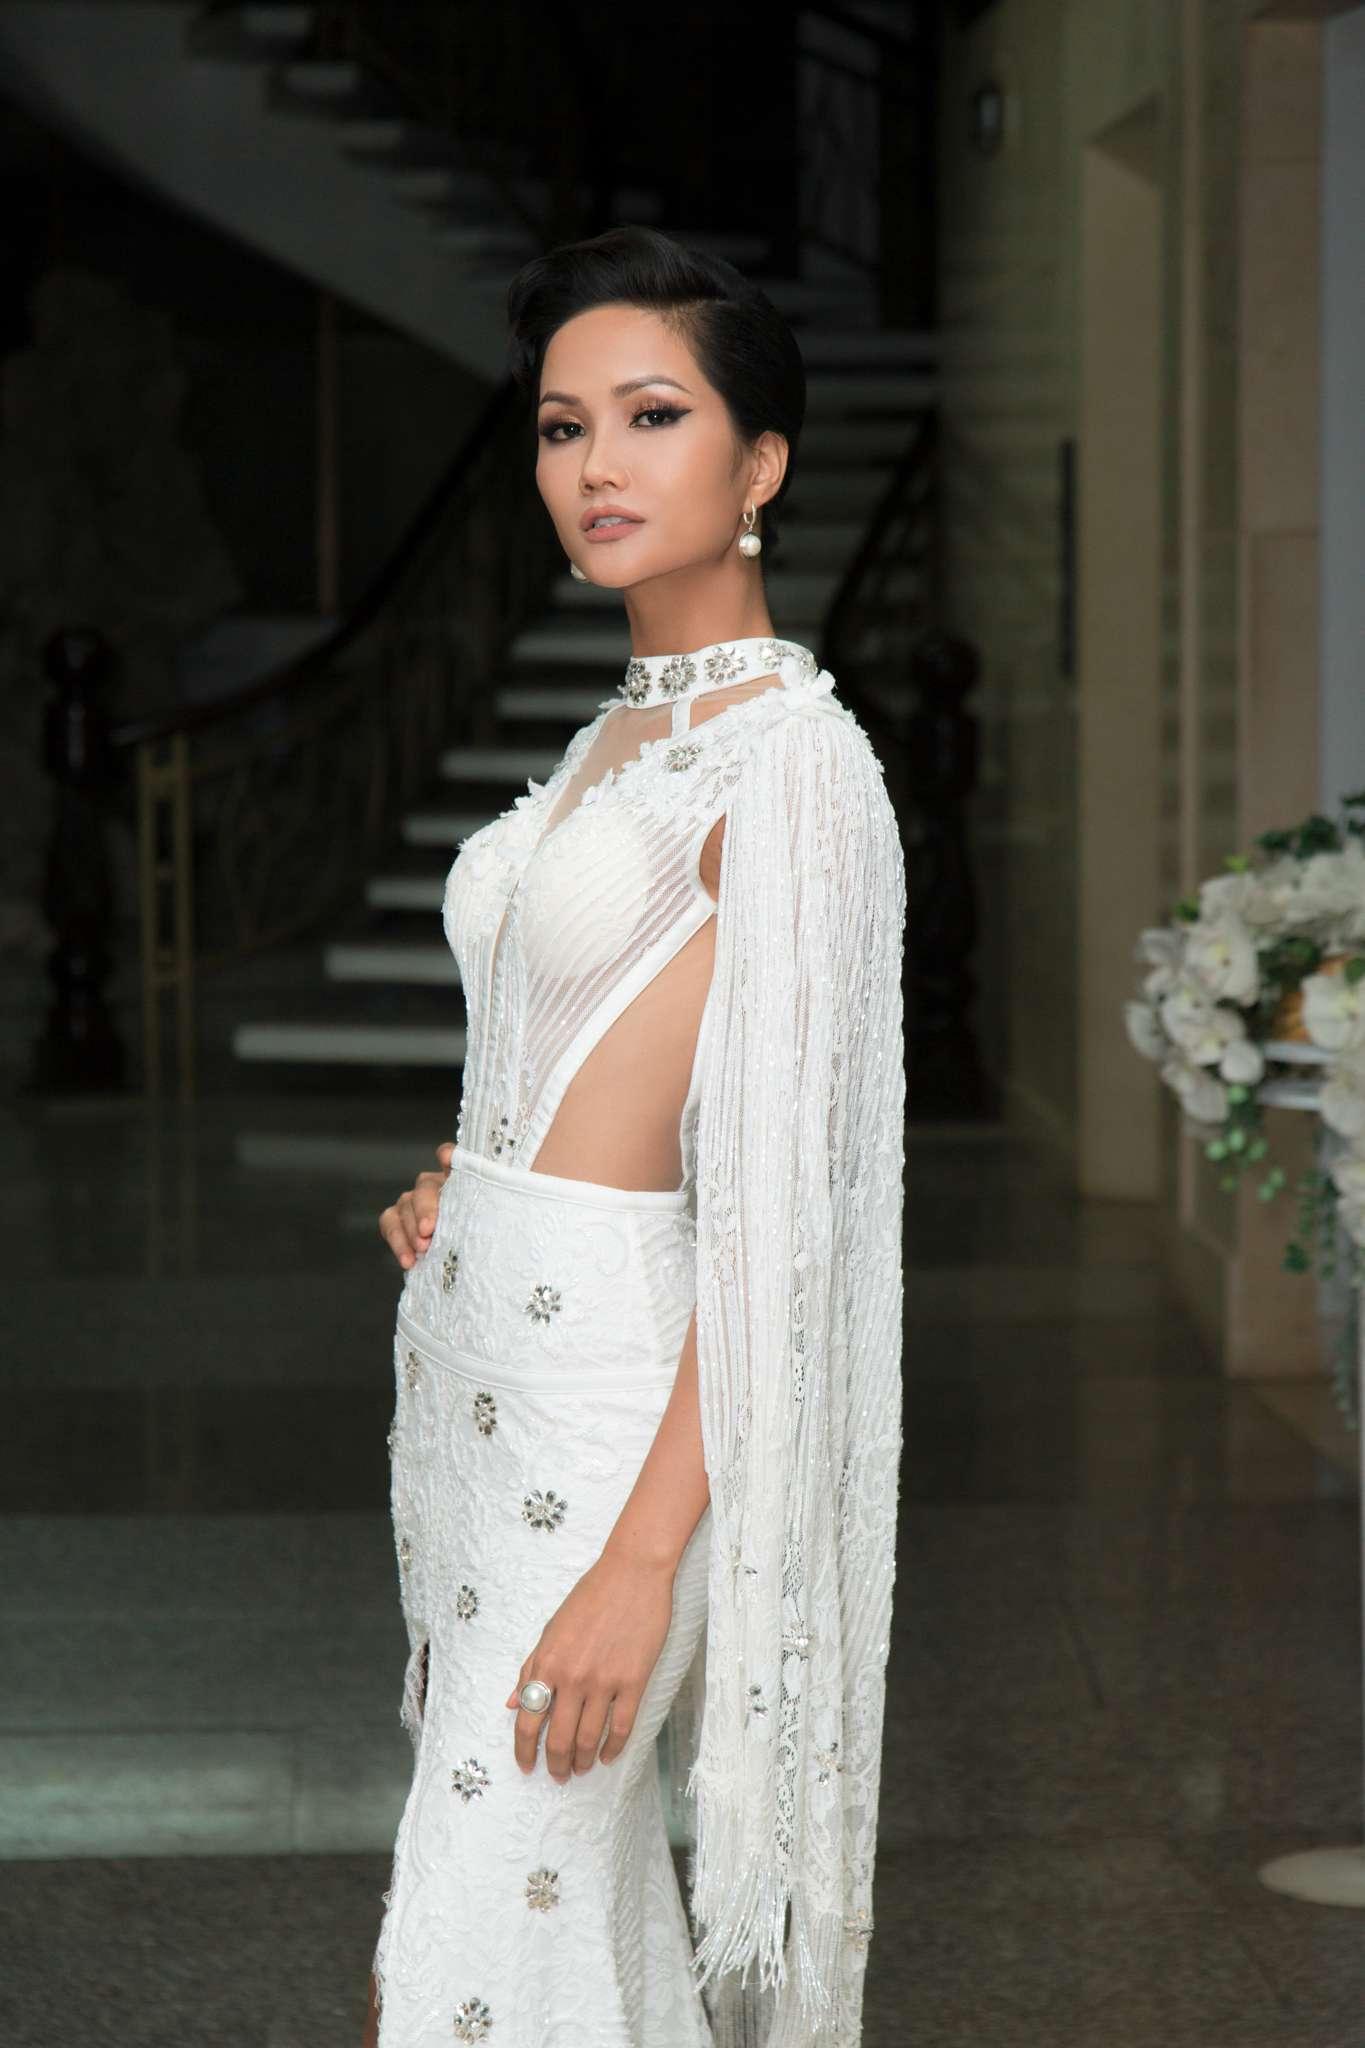 Nhà thiết kế quốc tế tố cáo sao Việt mặc váy 'nhái' - VnExpress Giải Trí